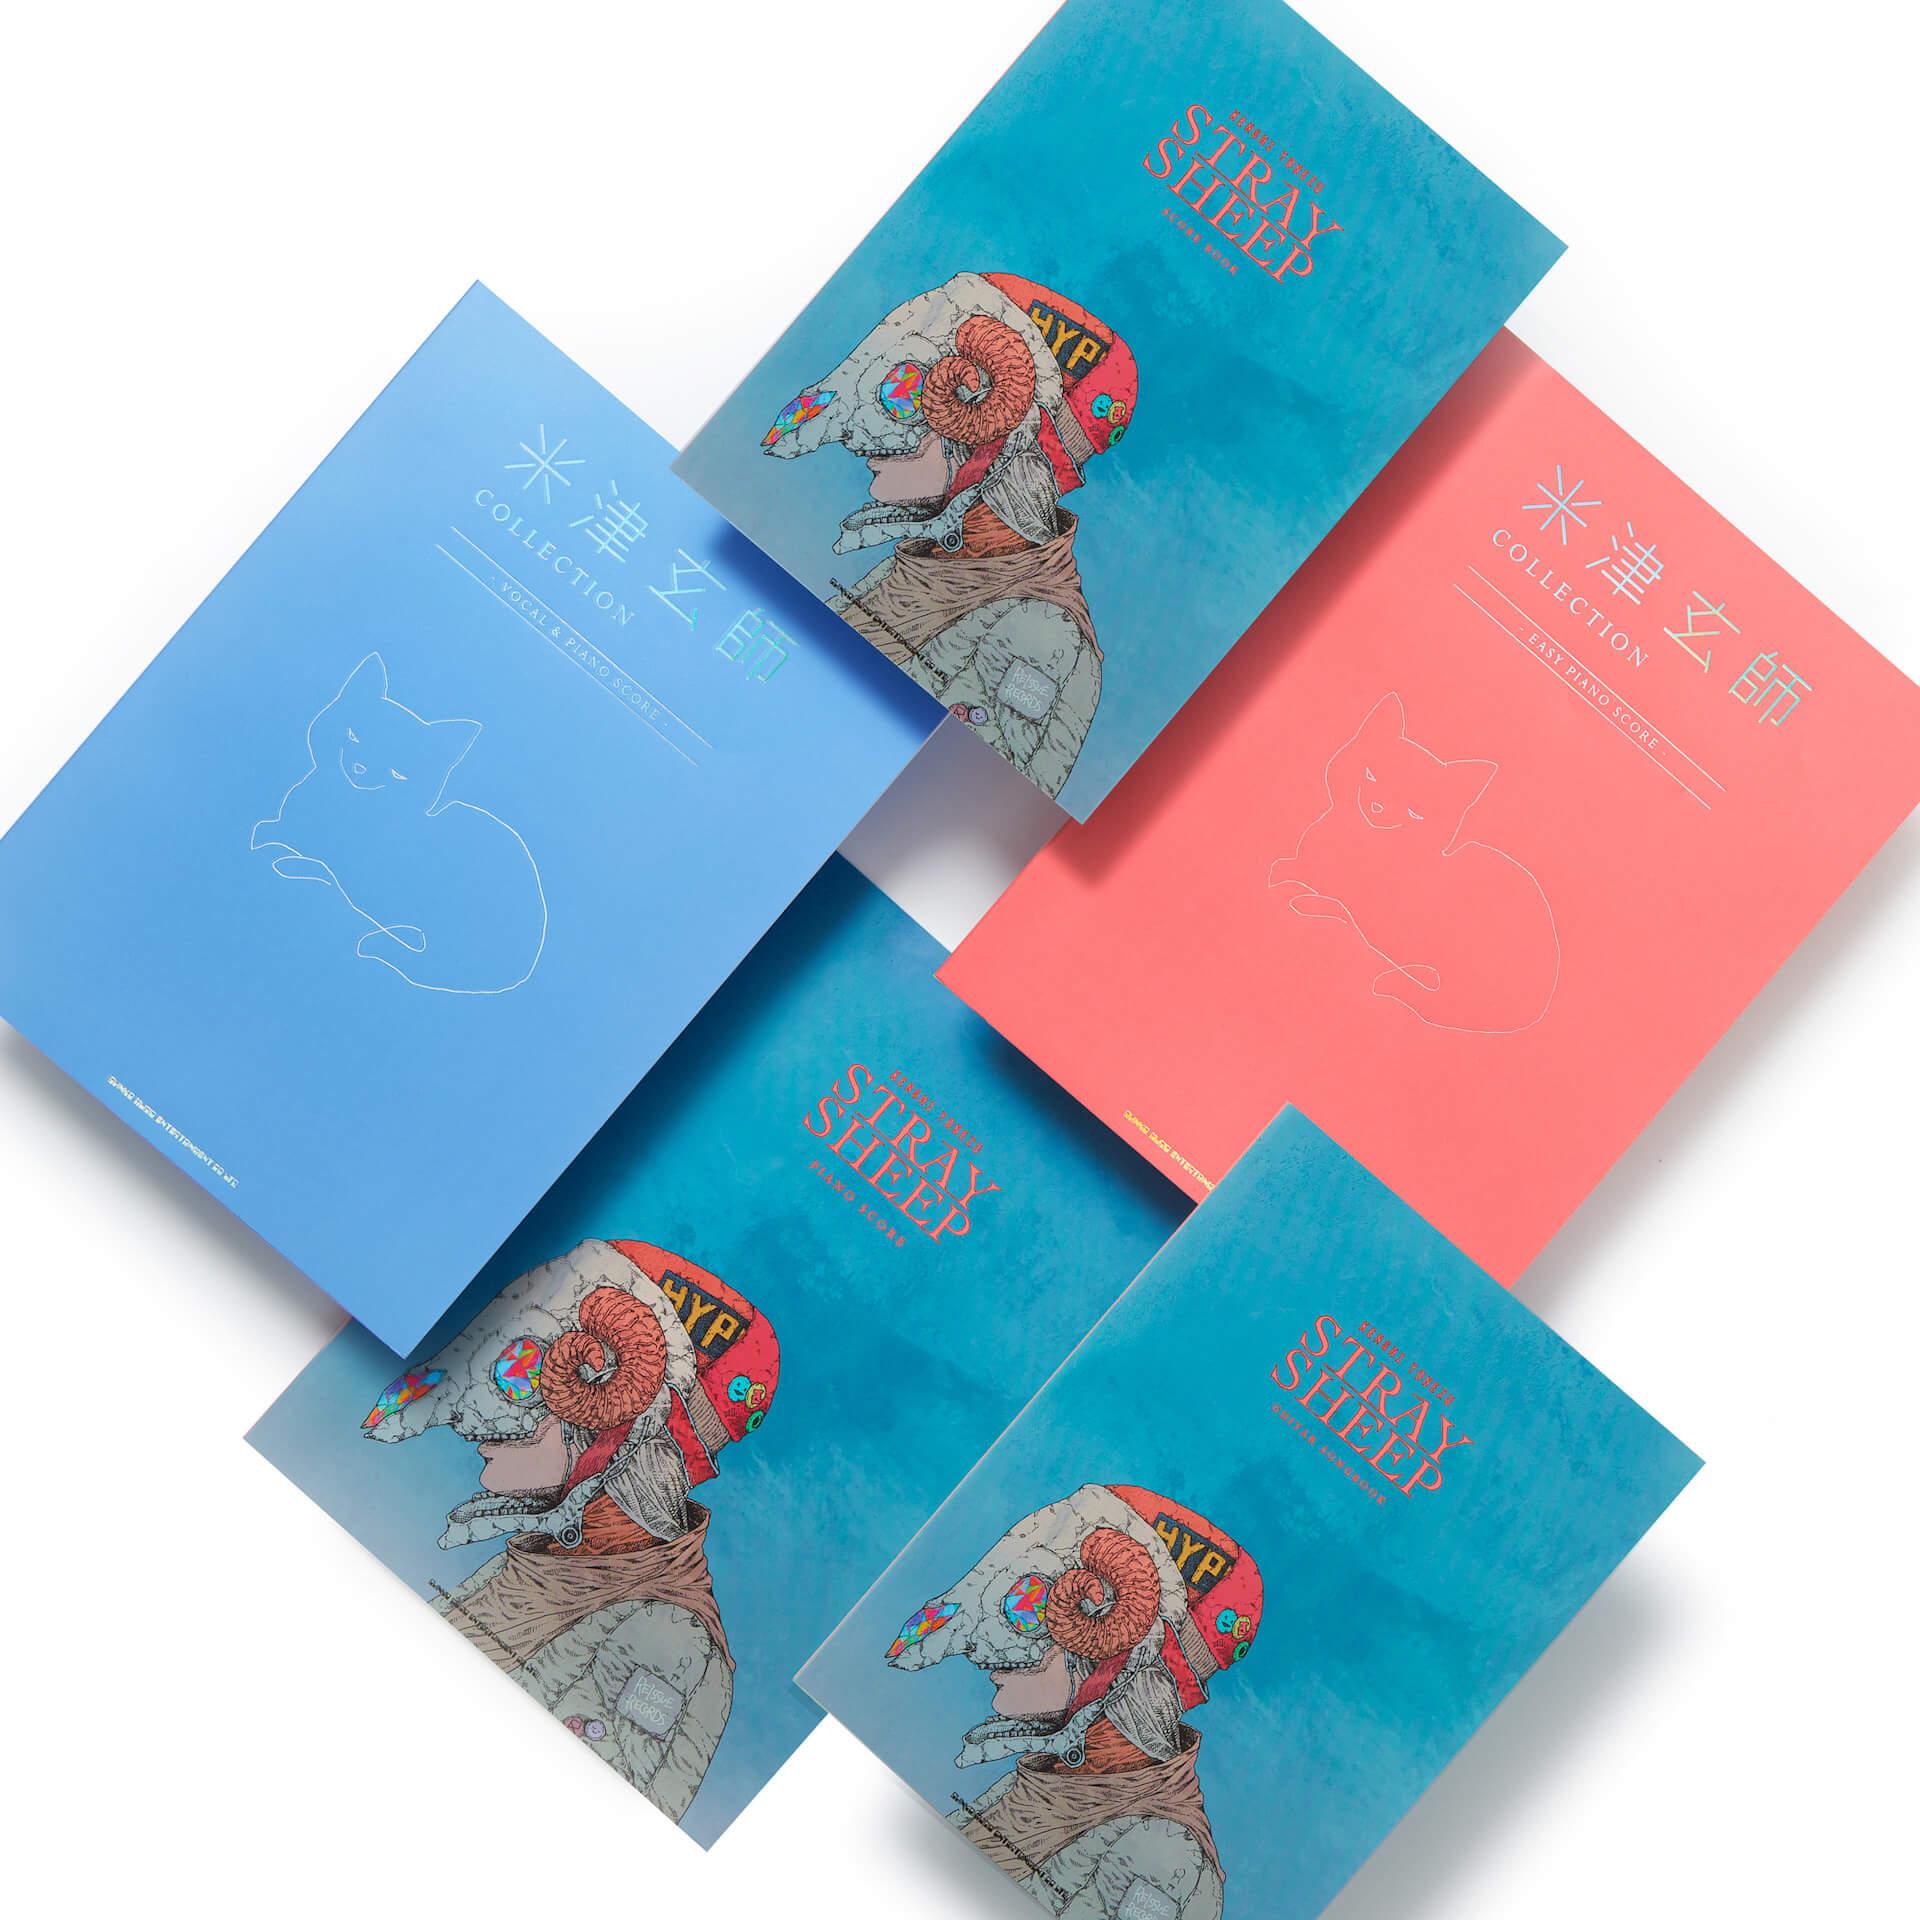 米津玄師『STRAY SHEEP』のスコアブック5冊が発売決定!「米津玄師COLLECTION」となるピアノスコアも music210709_yonezukenshi_scorebook_7